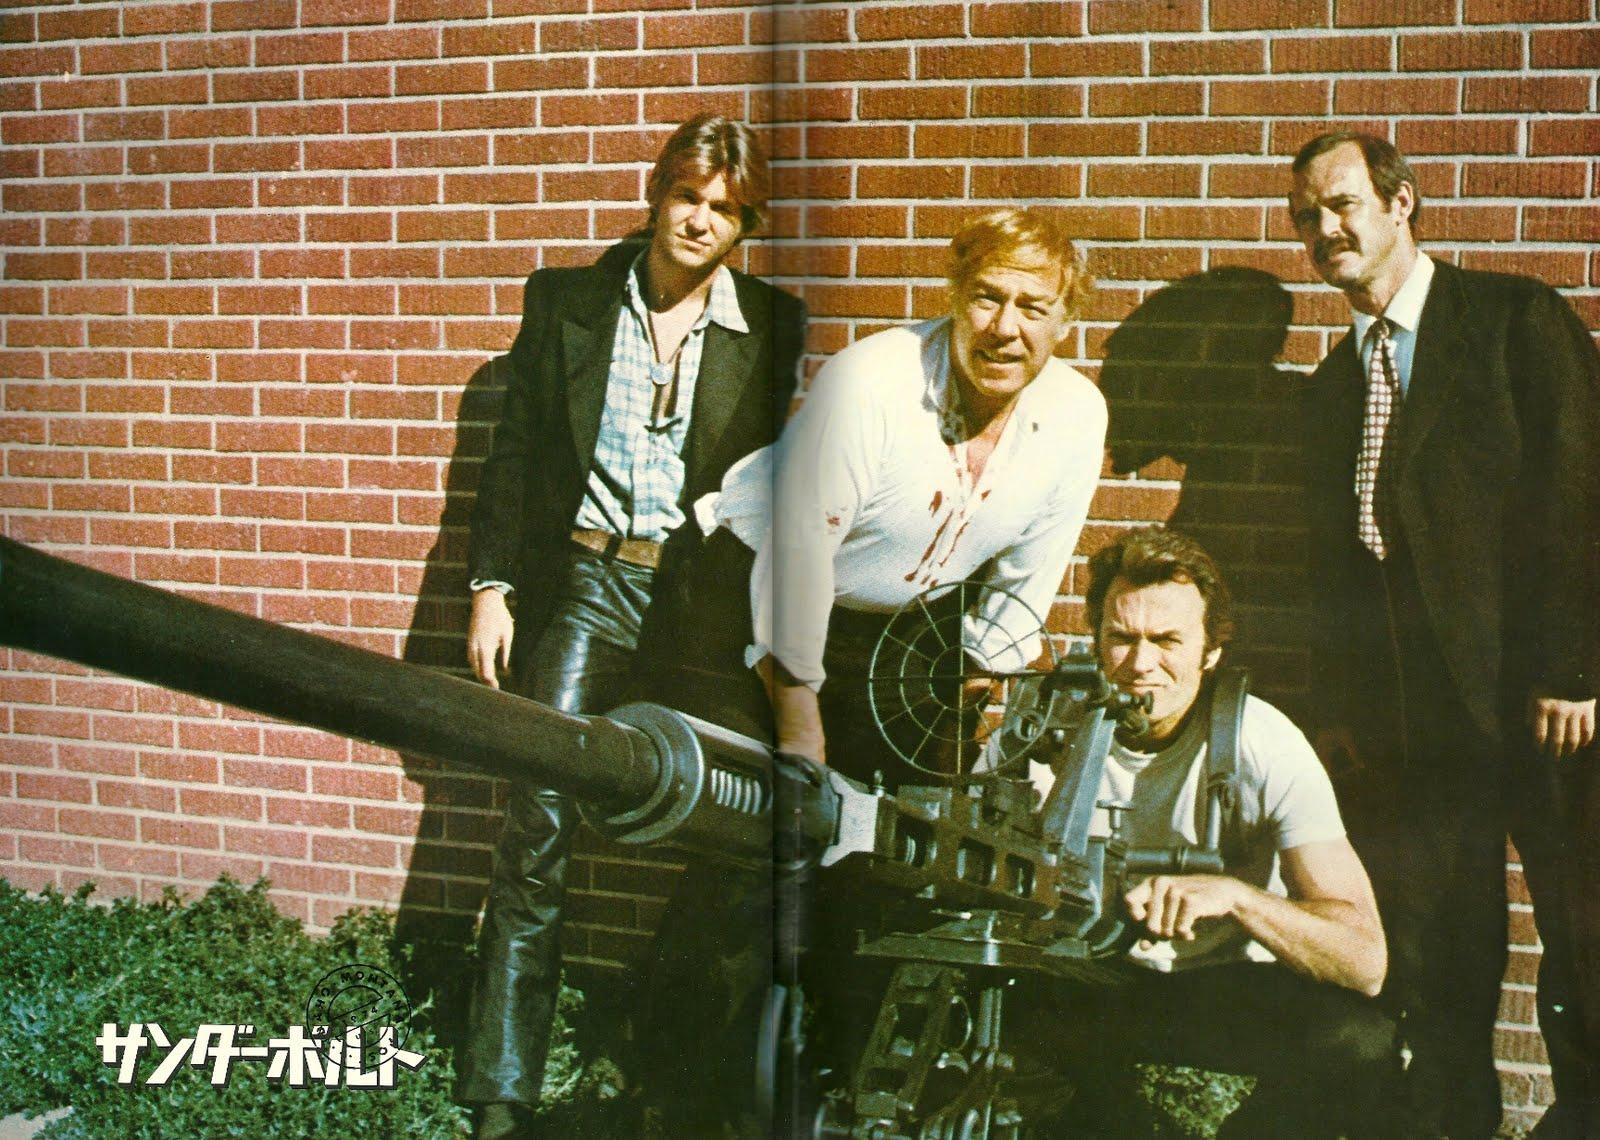 http://2.bp.blogspot.com/_ziHoRNixDDA/TUHJfvJEQLI/AAAAAAAAAd8/ZLAjgMfSUMU/s1600/thunderboltgun.jpg